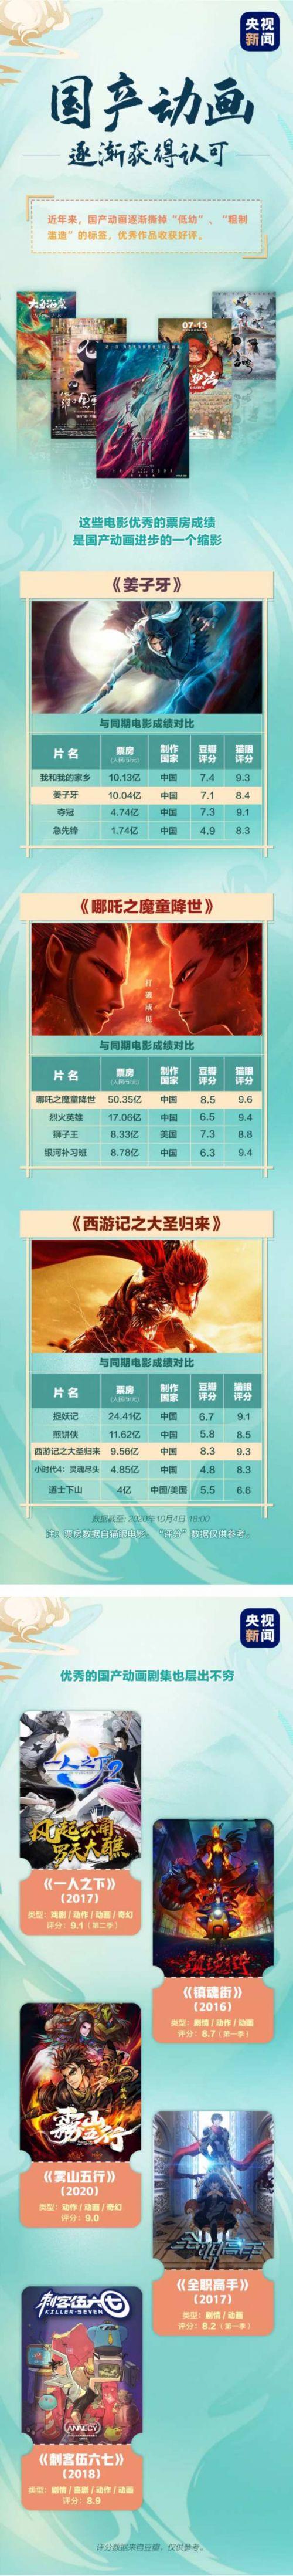 国产动画近年来成绩如何?中国动画在哪些方面仍存不足?